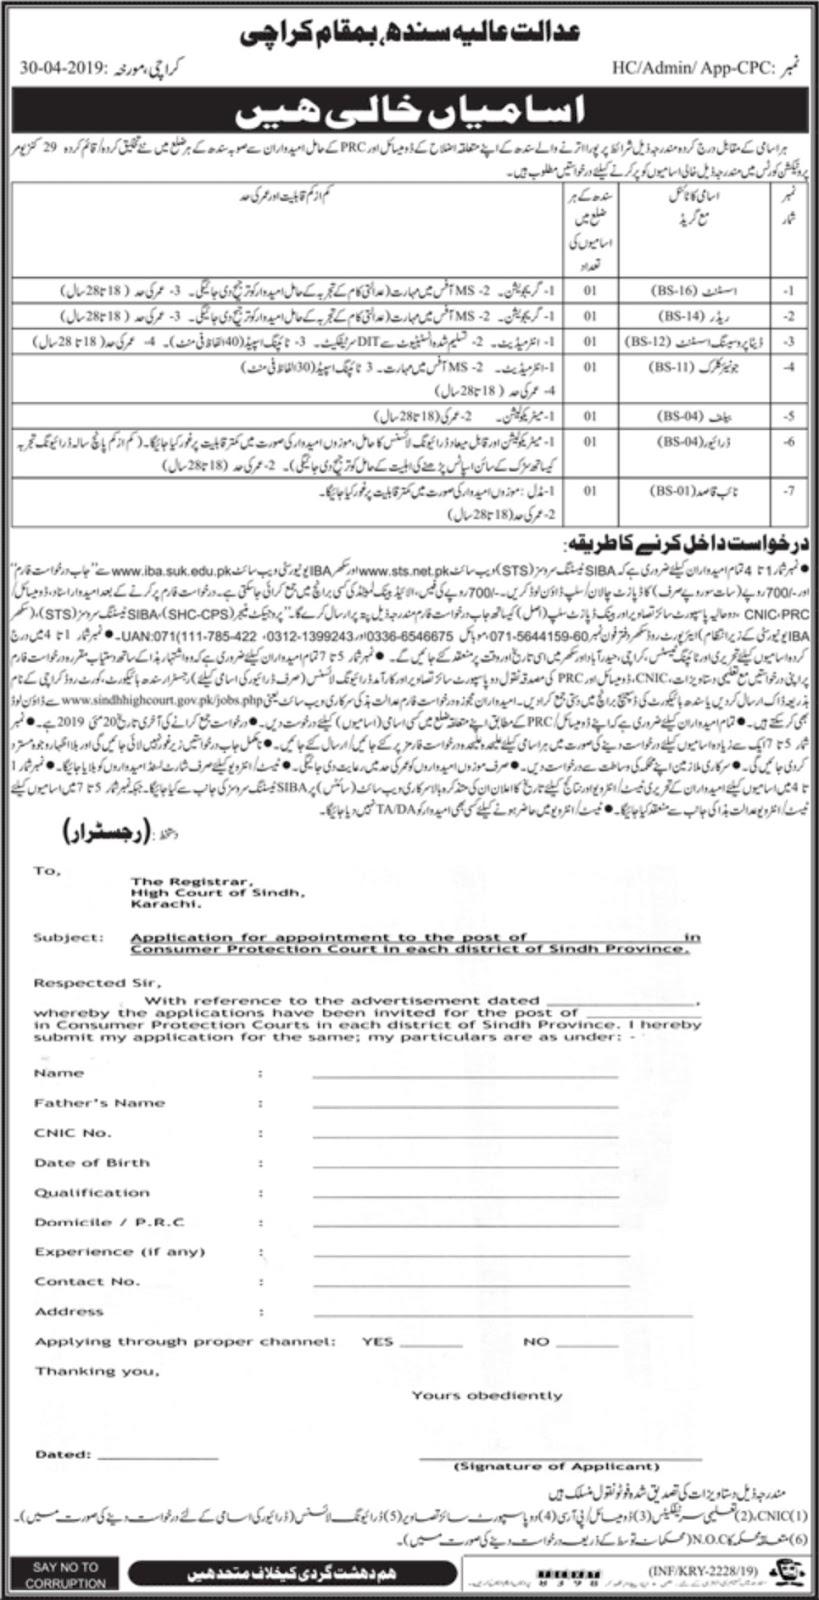 Sindh High Court Jobs 2019 | www.sindhhighcourt.gov.pk